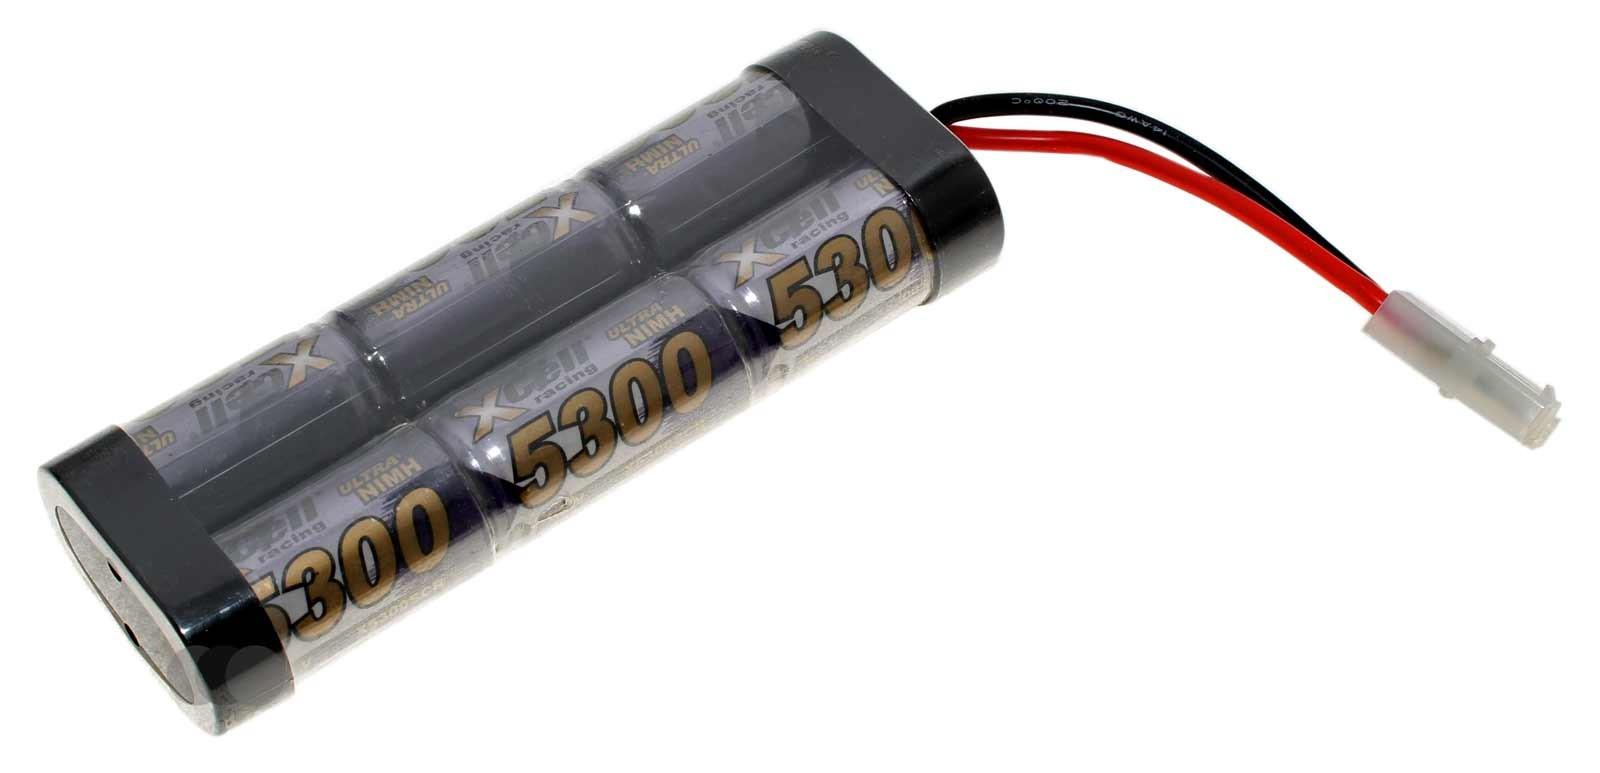 Conrad energy Modellbau-Akkupack NiMh 6 Stick Tamiya-Stecker 7.2 V 4200 mAh Zellen-Zahl